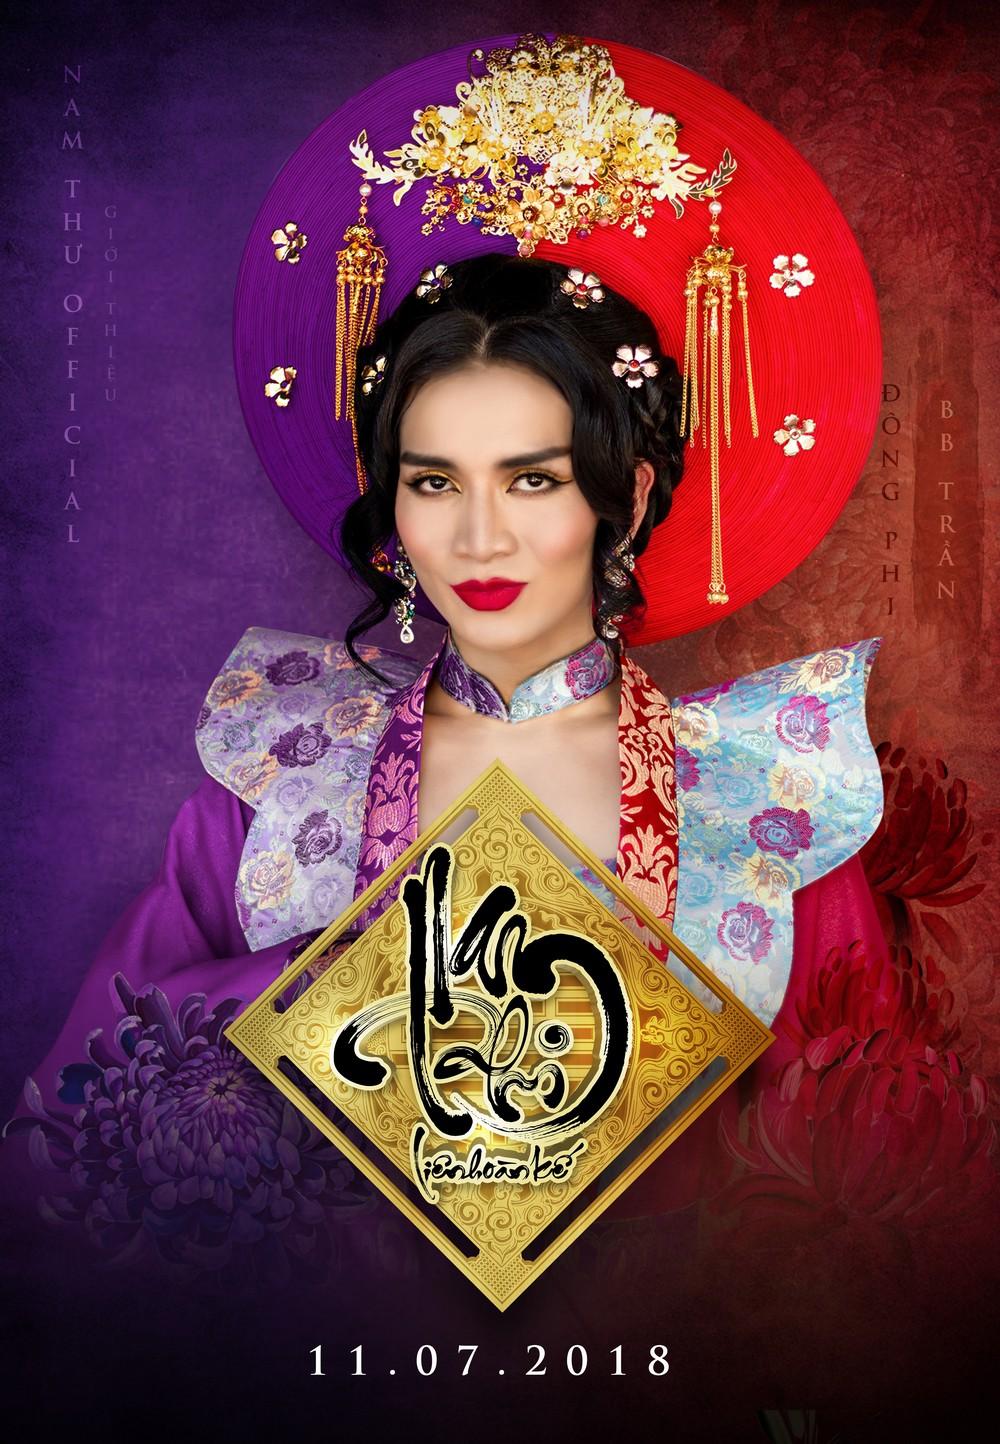 Kiều nữ làng hài Nam Thư chơi liều làm phim cổ trang hậu cung đấu đá  - Ảnh 3.